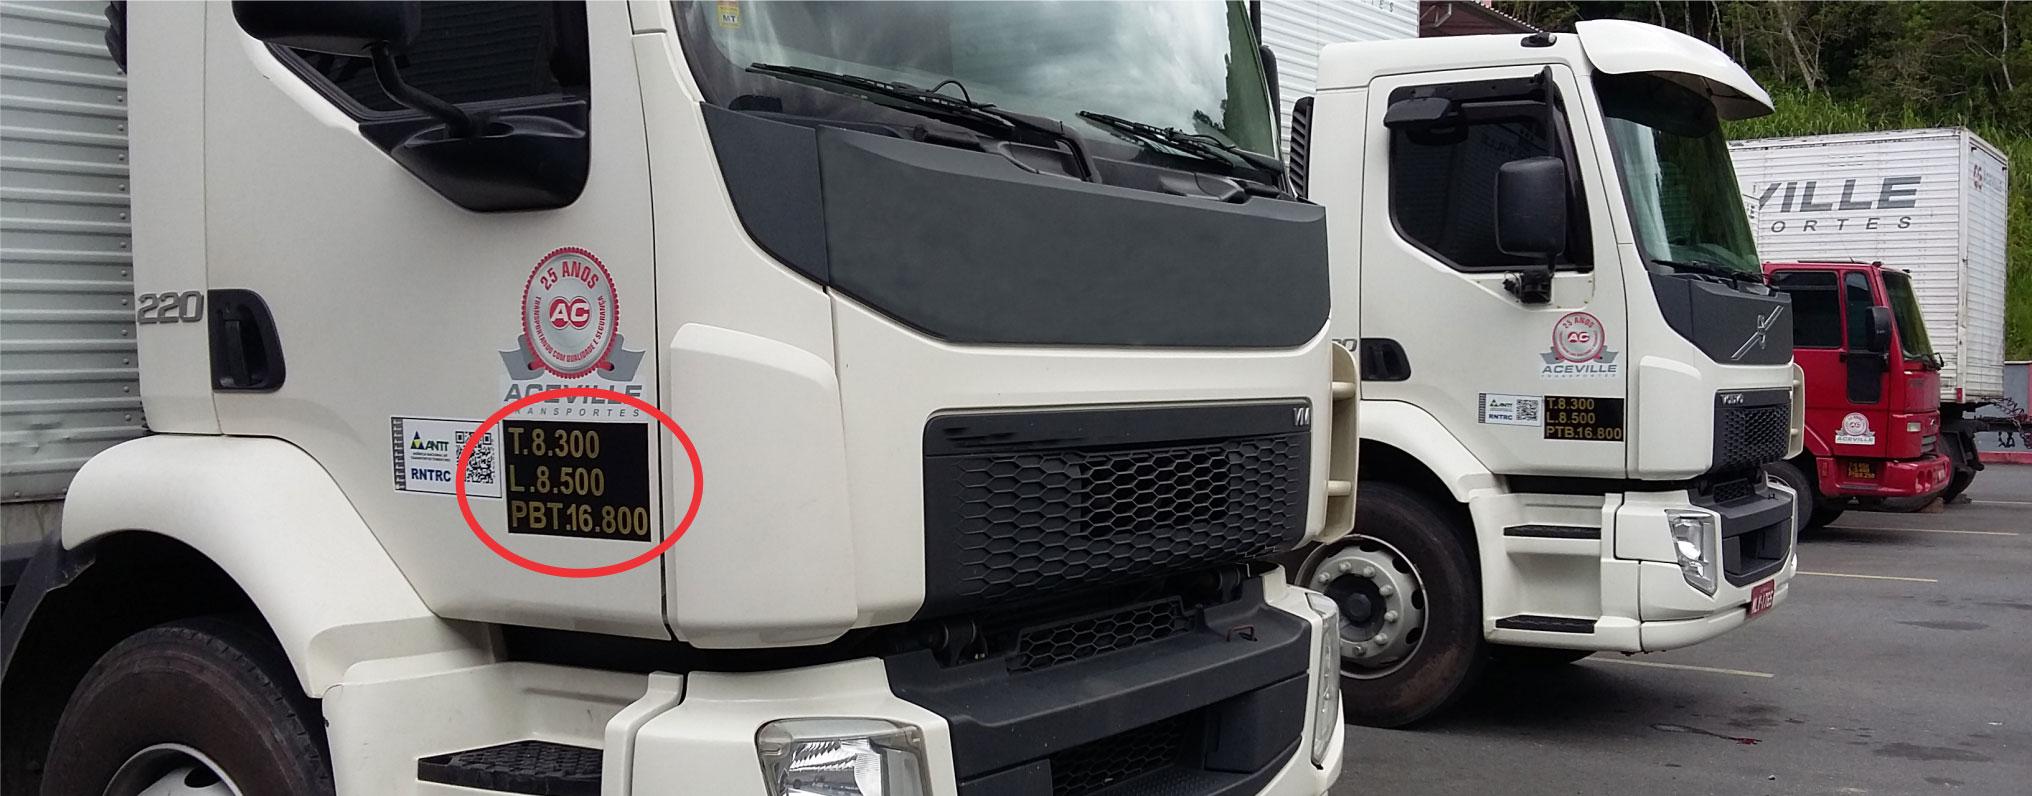 Significado de Tara de caminhões